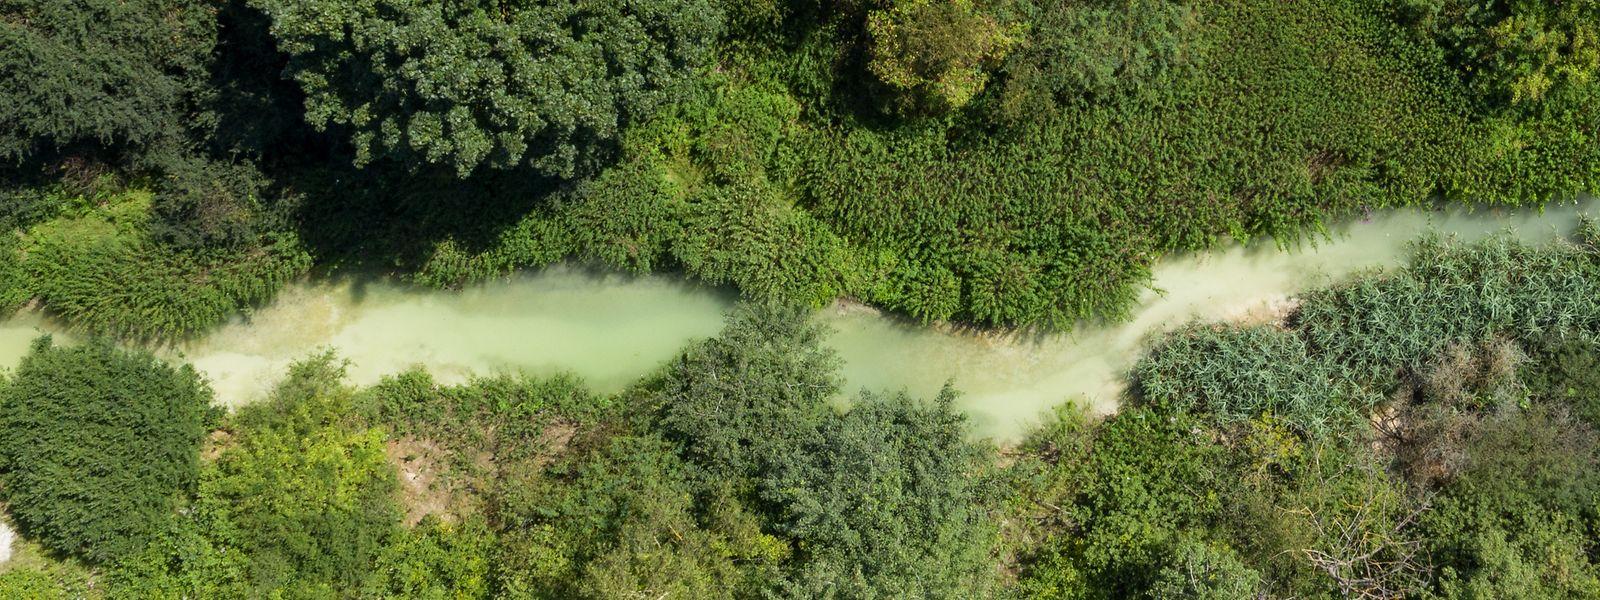 So sah die Korn nach der Verschmutzung durch Löschwasser im Sommer vergangenen Jahres aus.